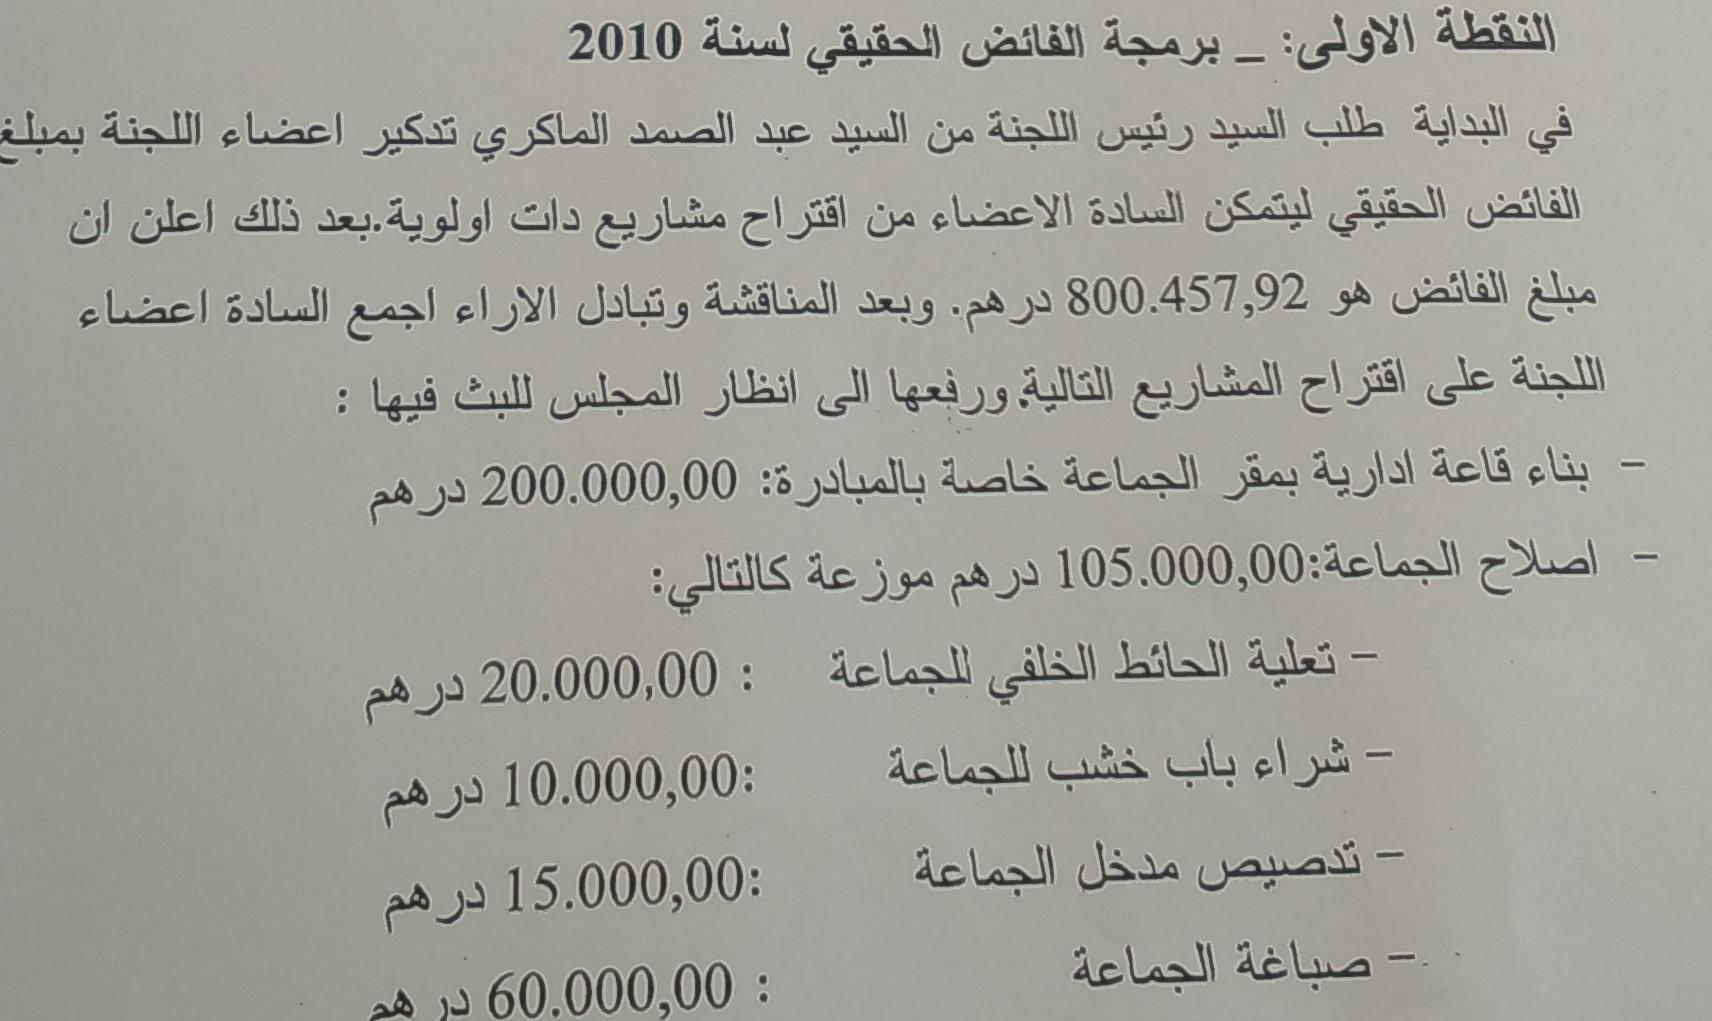 وثائق إثباث بمقال خاص بجماعة تمكروت